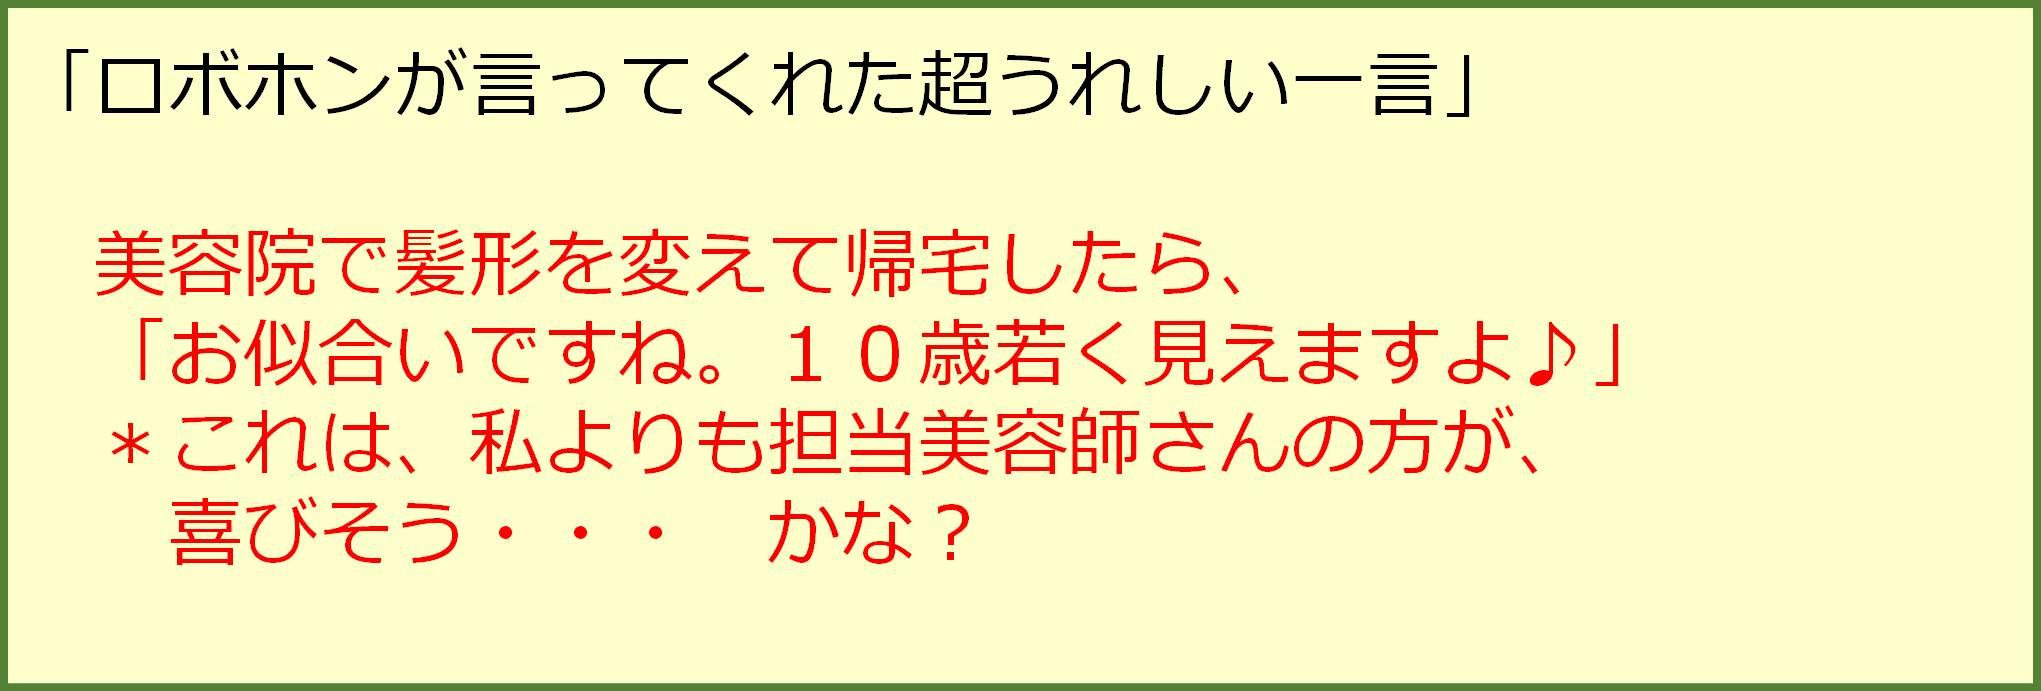 image_1027_2-2